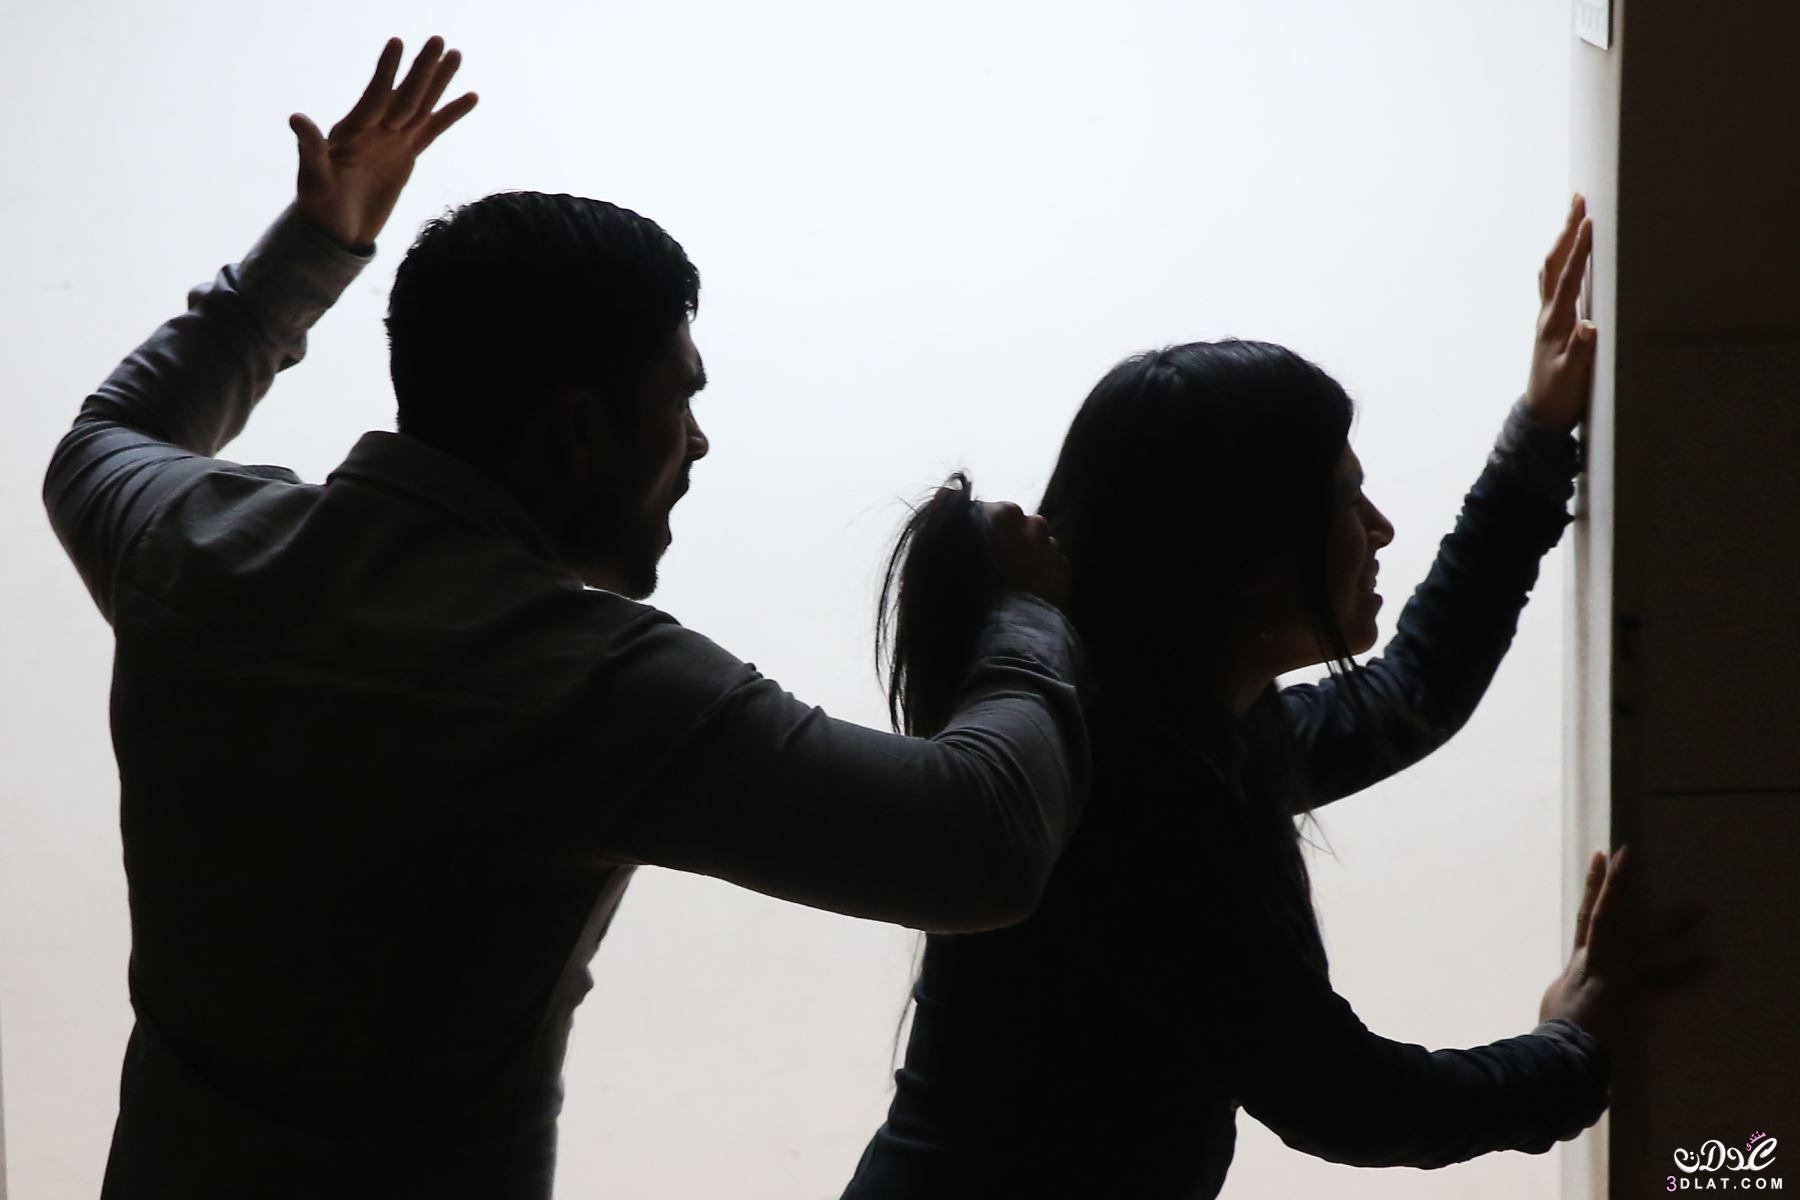 الزوج لزوجته ومايسبب اضرار جسيمة ونفسينا 3dlat.net_27_17_d471